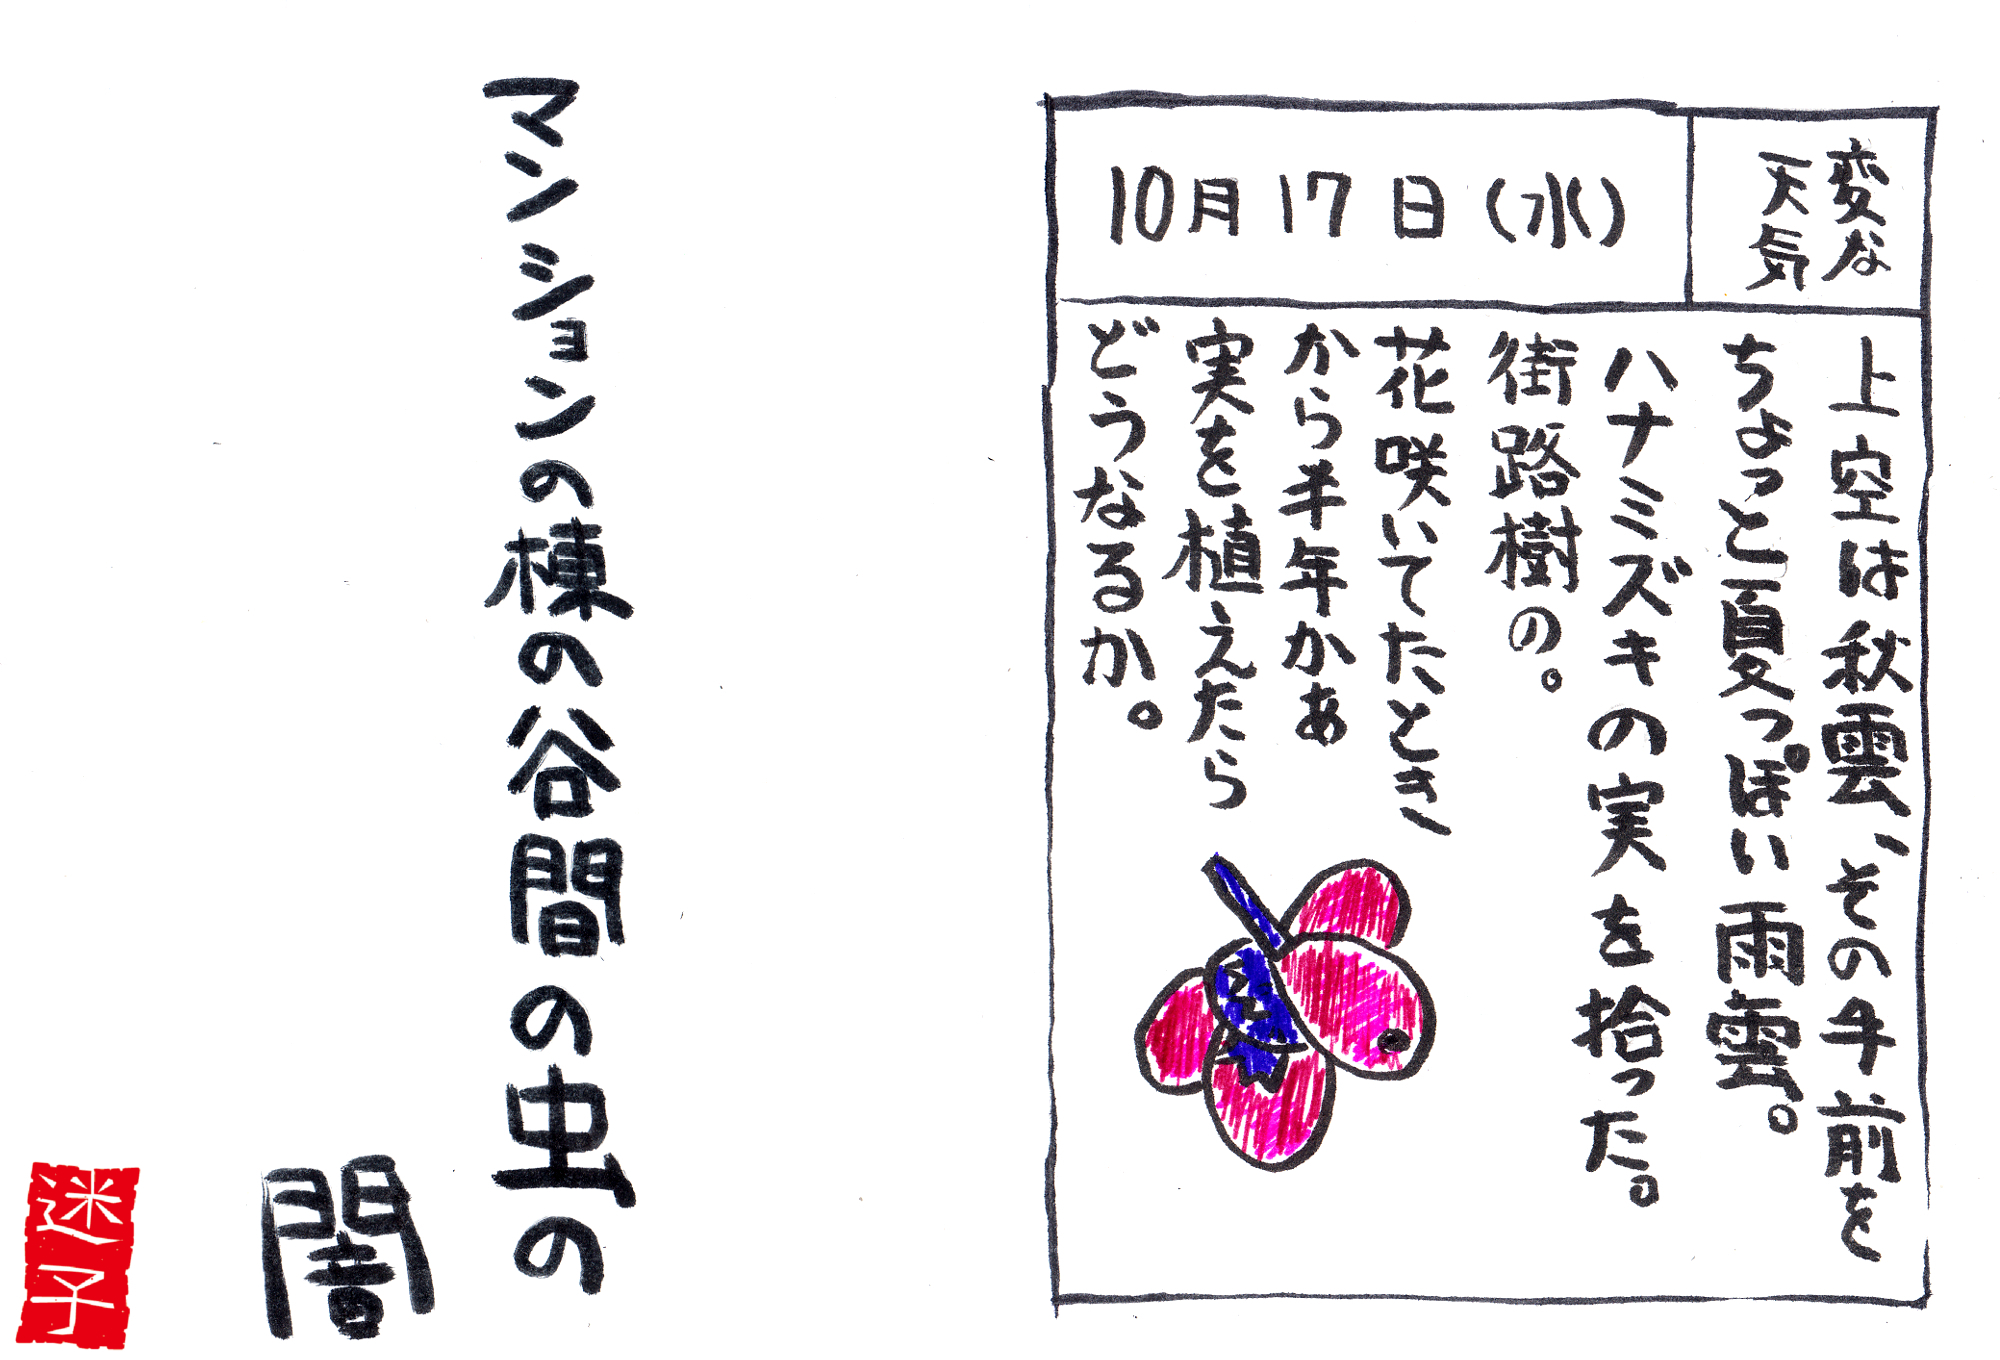 20181019.jpg